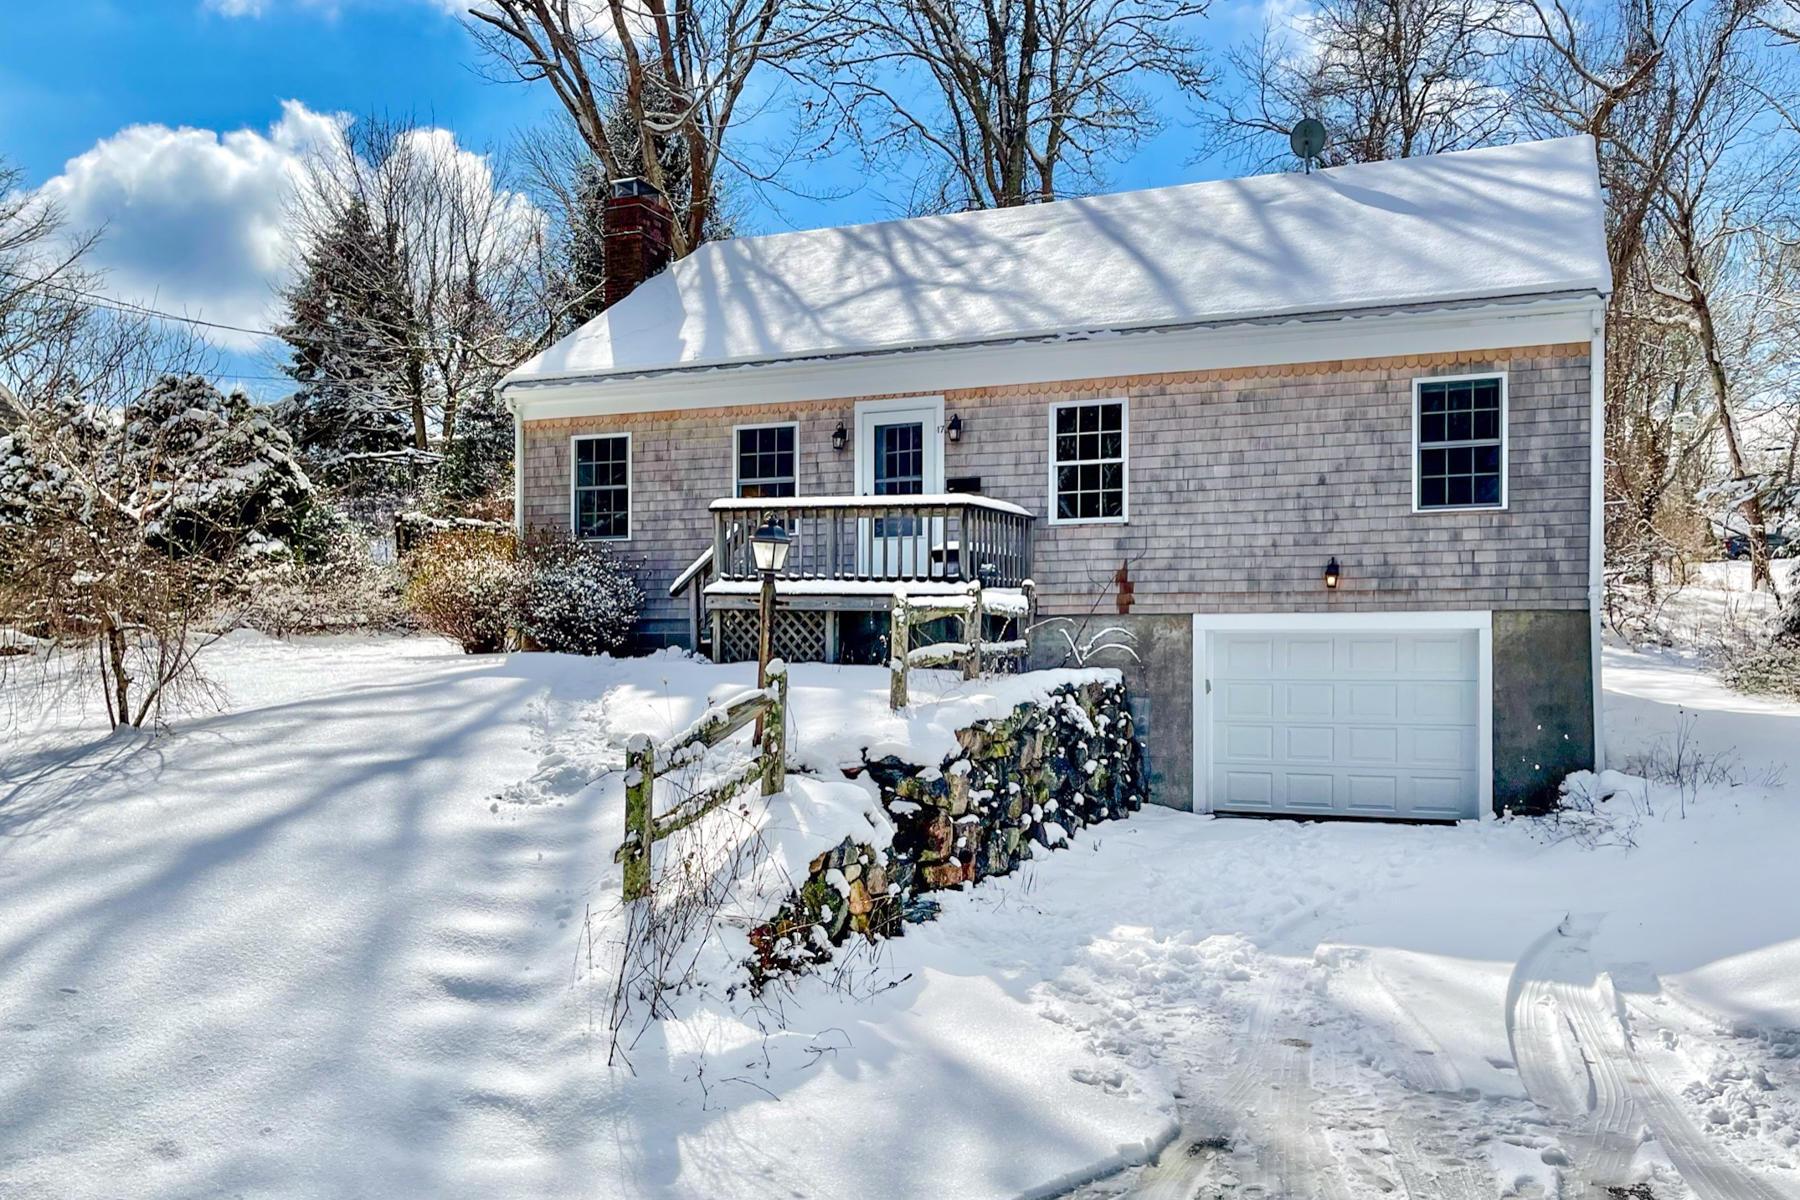 17 McGregor Road, Woods Hole MA, 02543 sales details